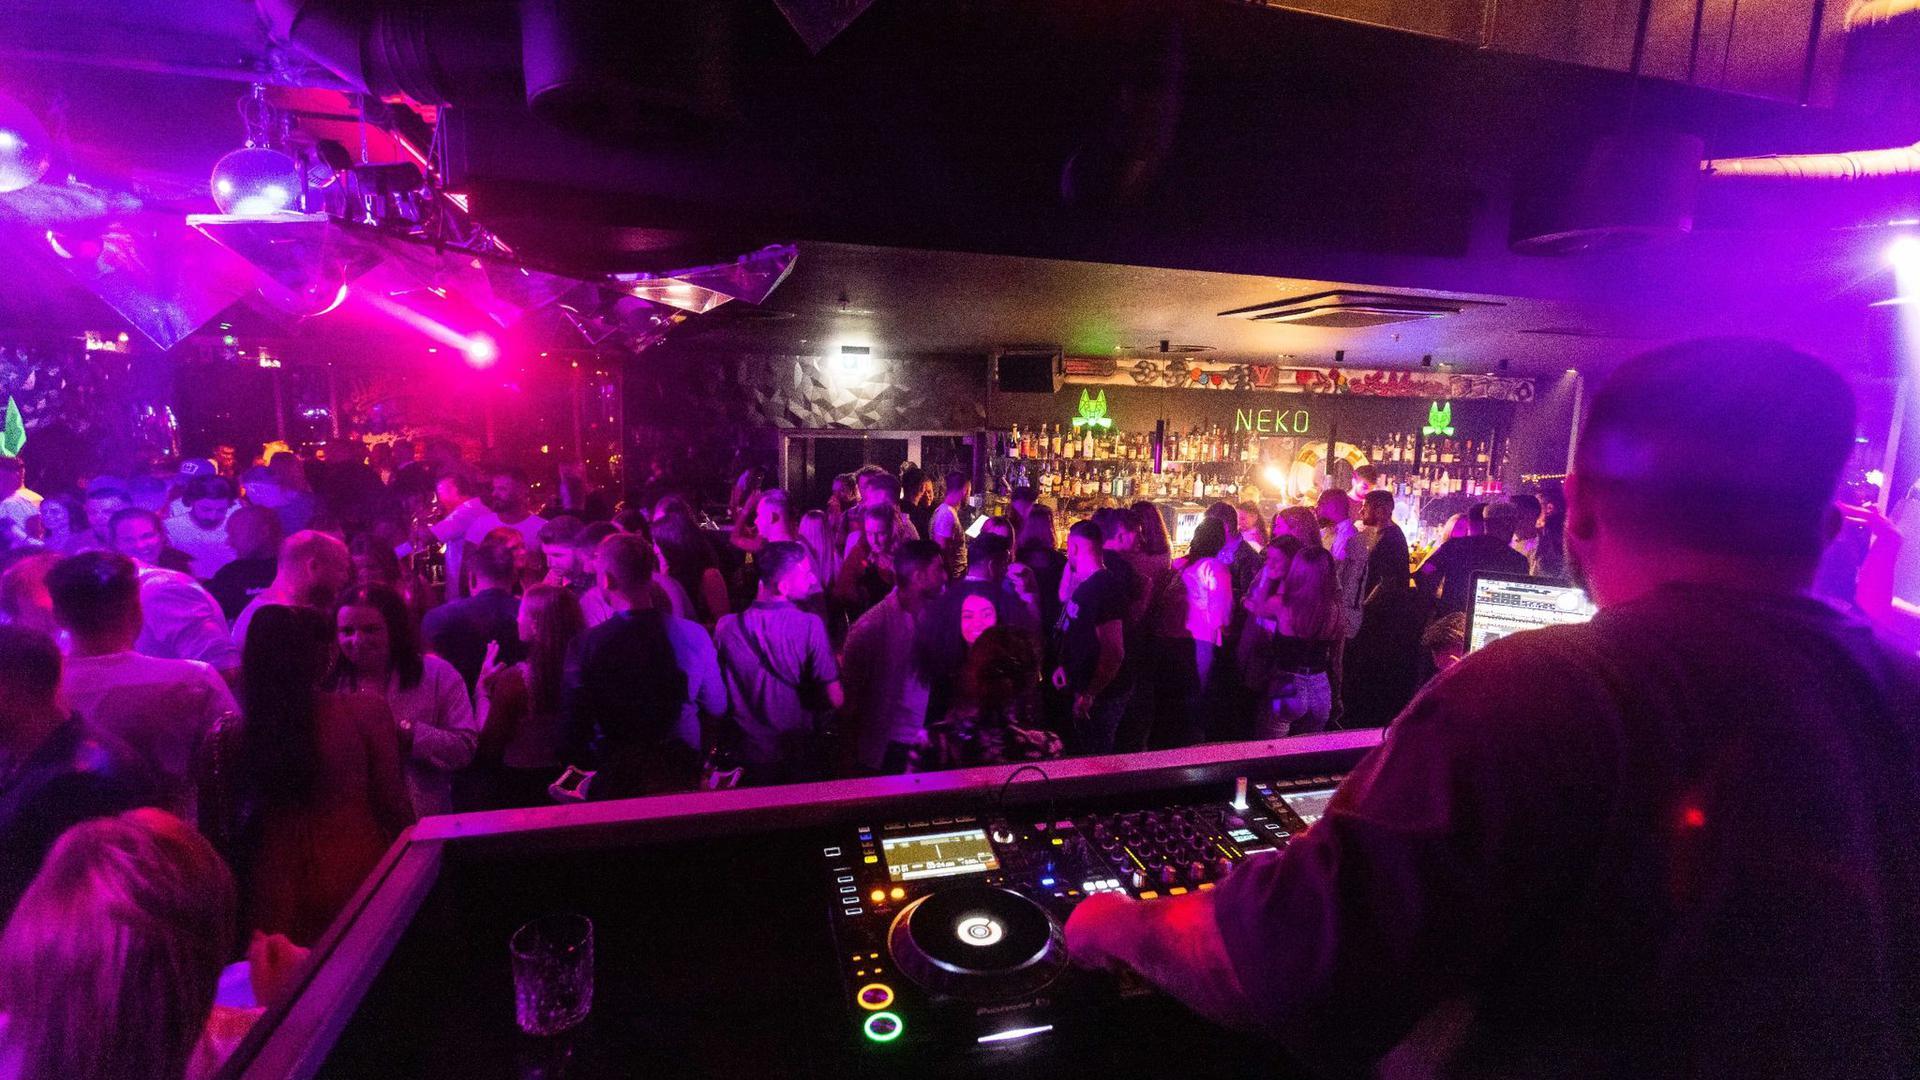 """Menschen tanzen im Club """"Neko"""" in Freiburg auf der Tanzfläche."""